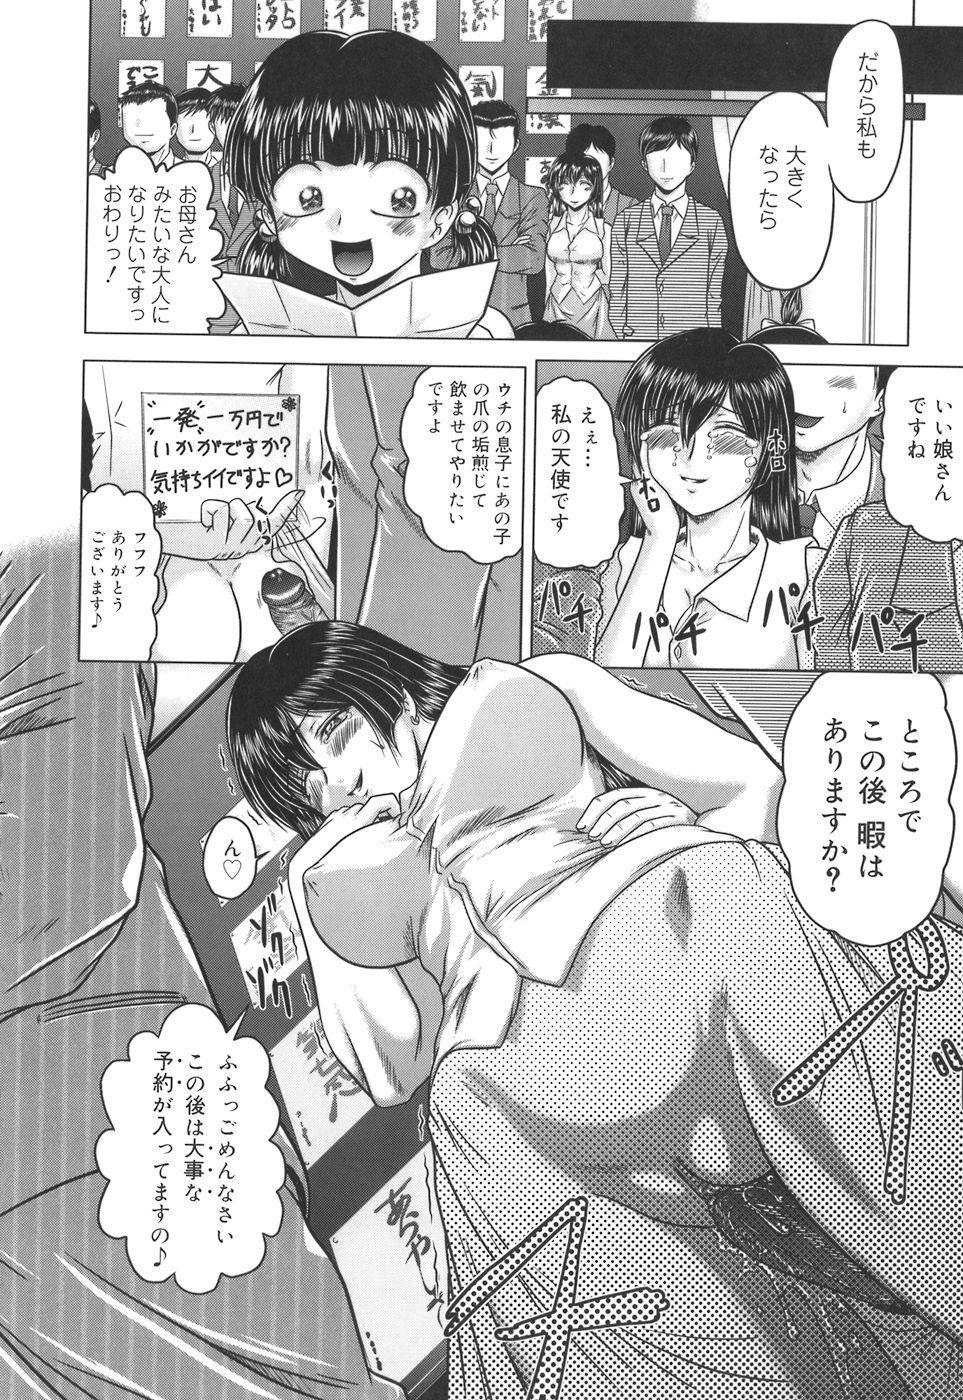 Iroka no Himitsu 186